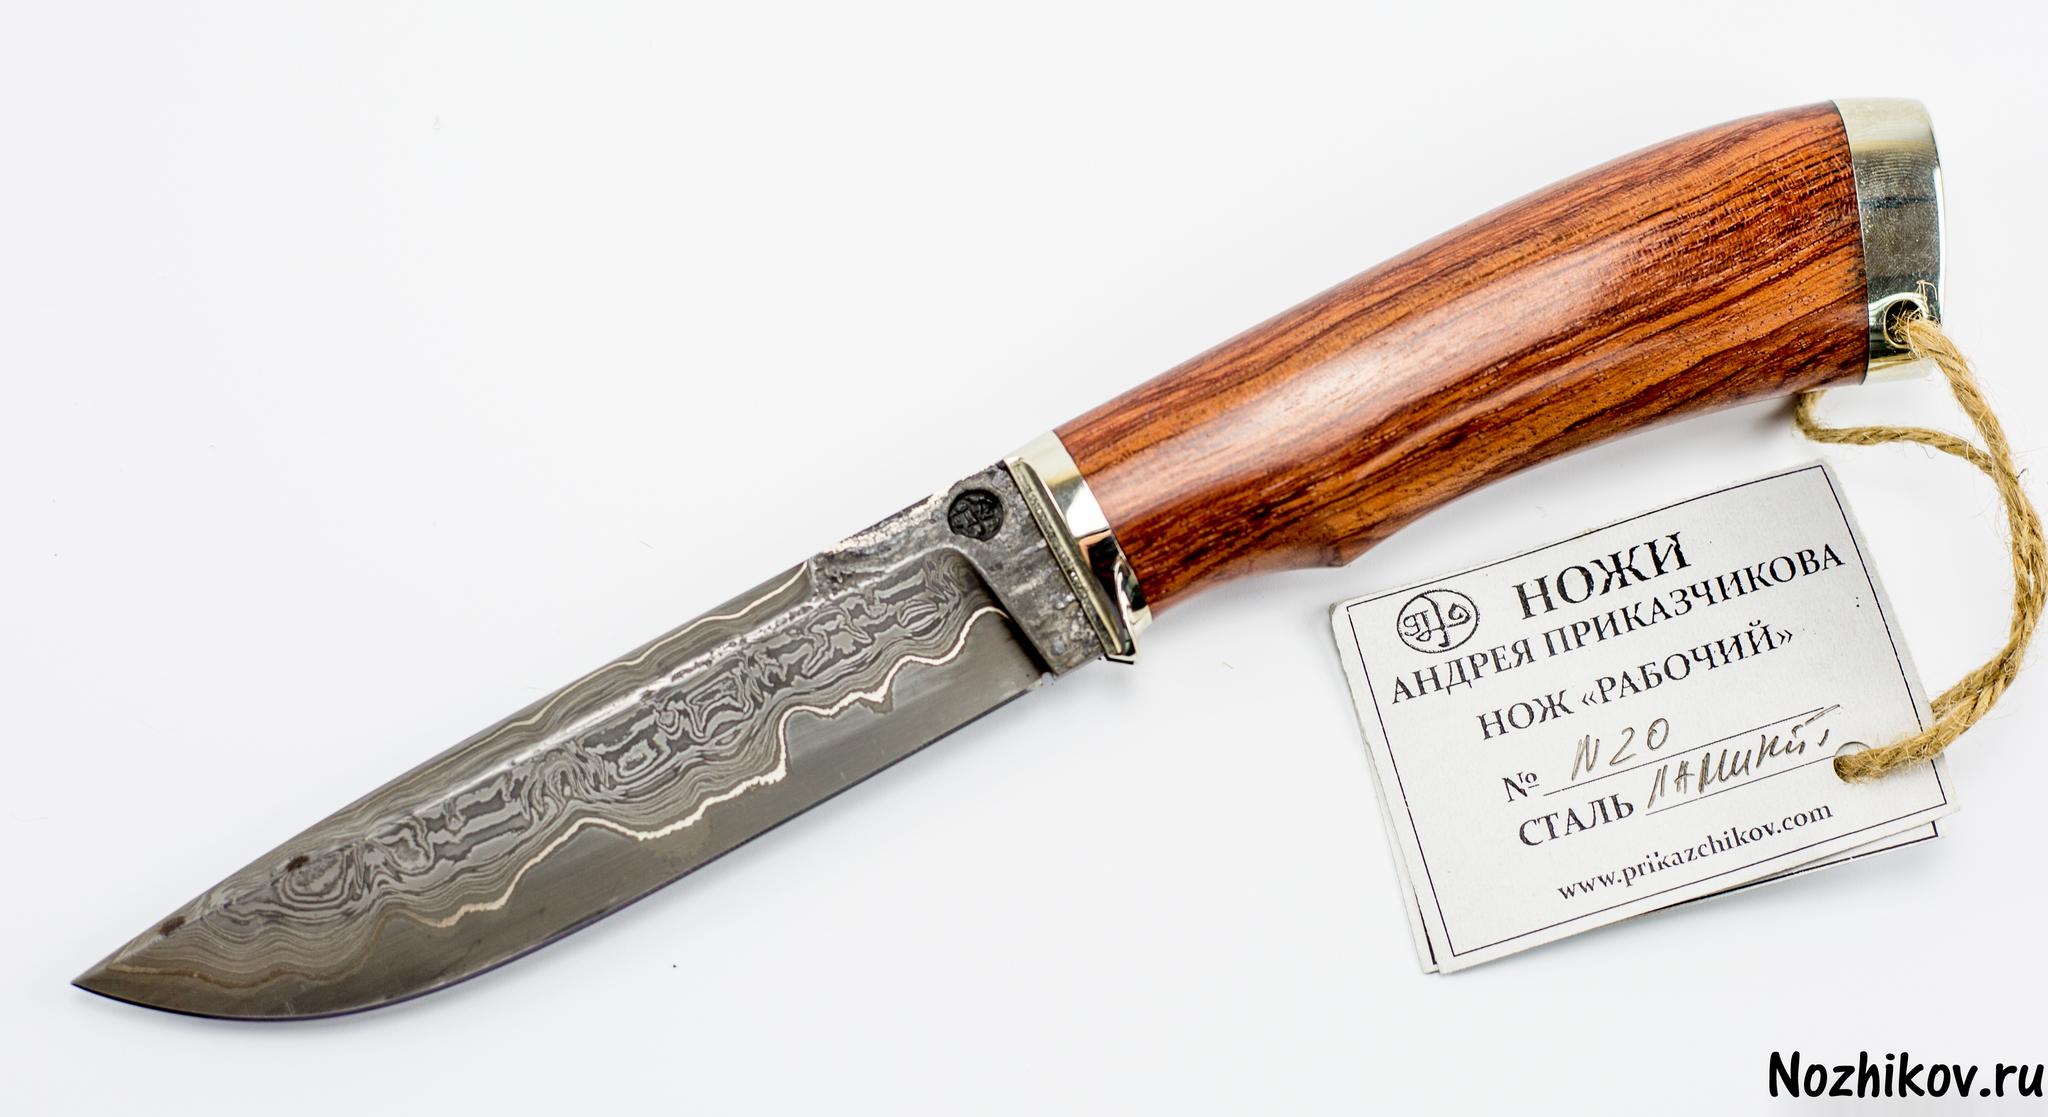 Нож Рабочий №20 из Ламината, от Приказчикова